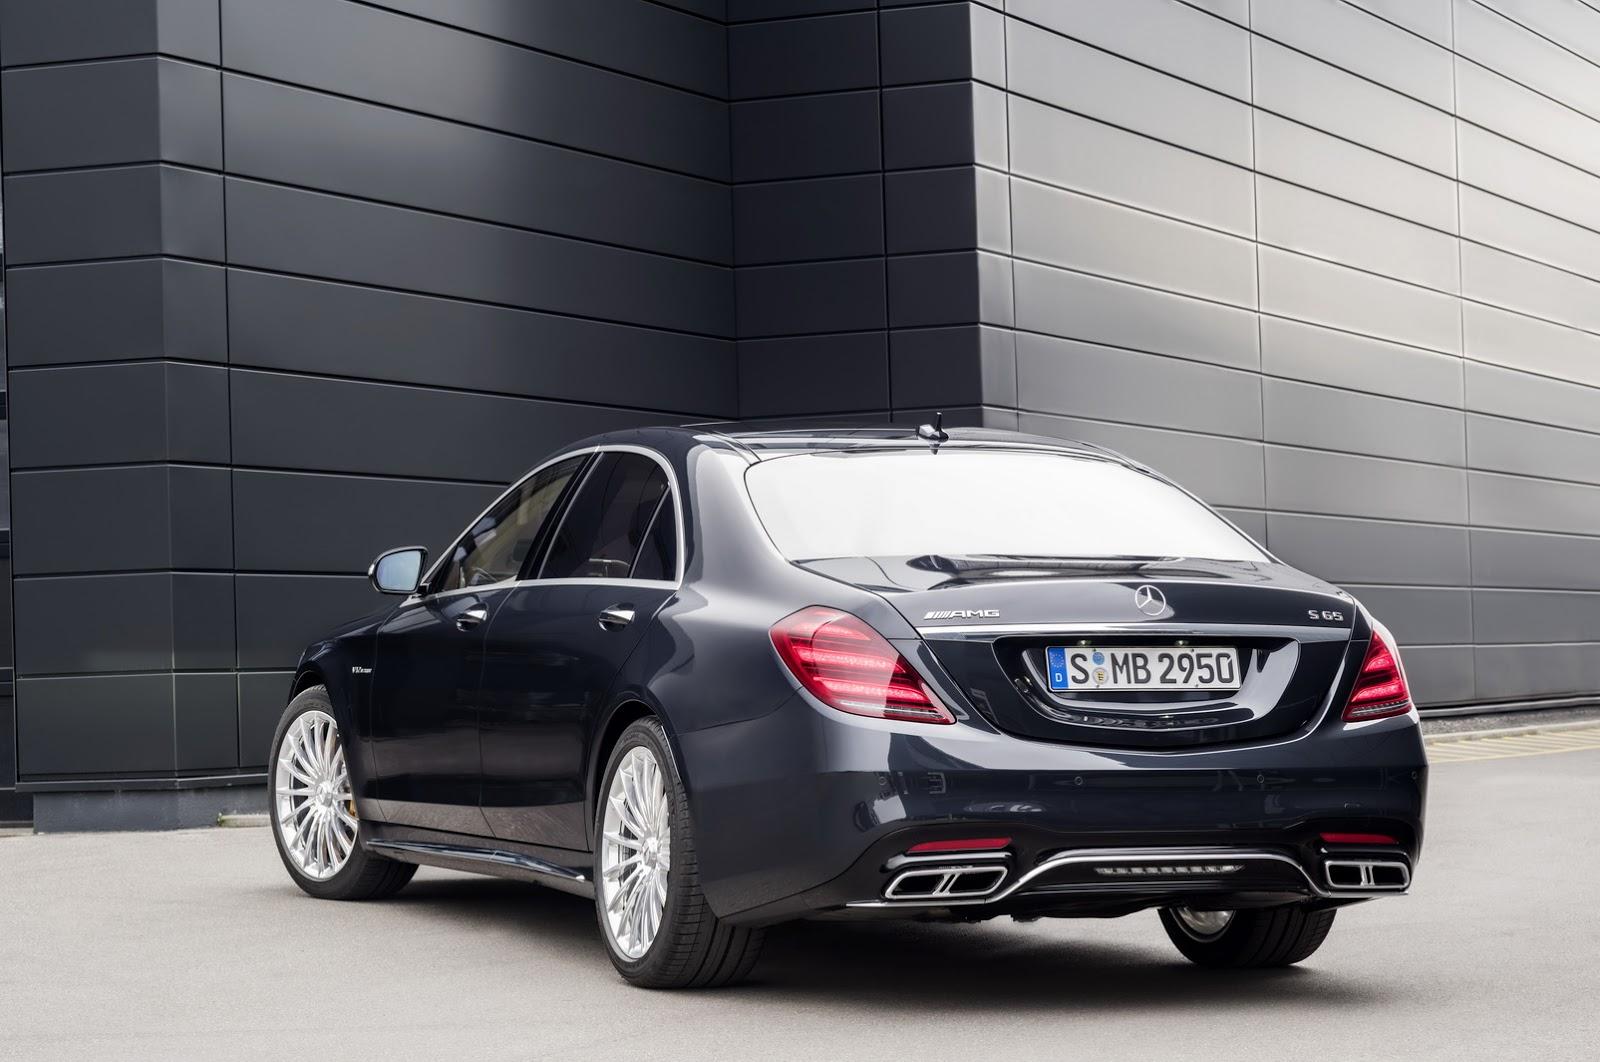 Mercedes Classe S 2018 richiamo sistema Pre-Safe